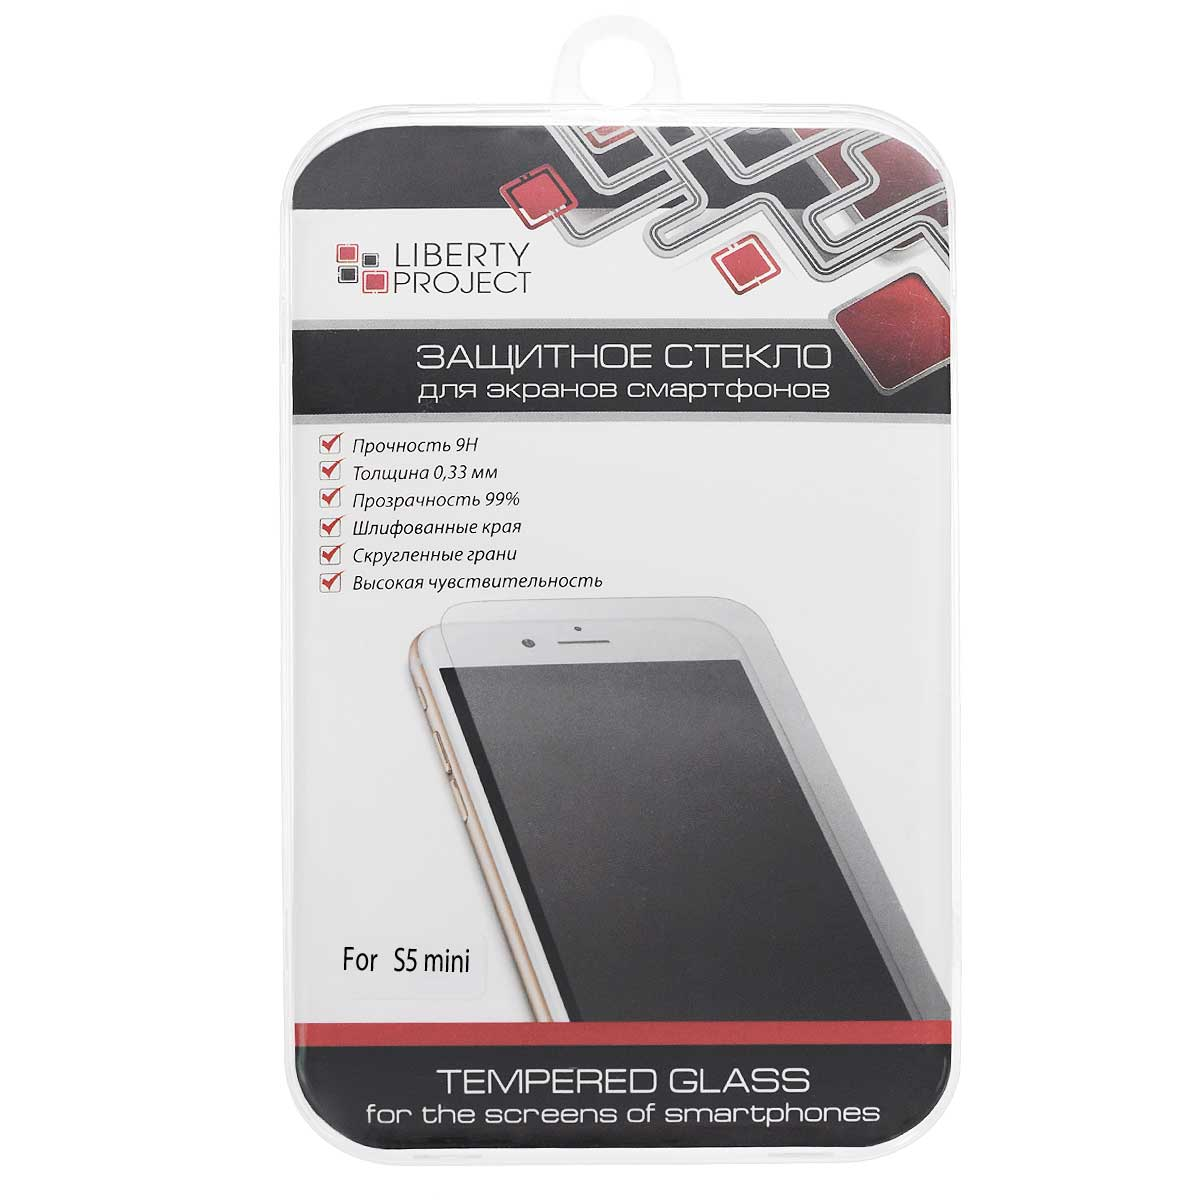 Liberty Project Tempered Glass защитное стекло для Samsung Galaxy S5 mini, Clear (0,33 мм)0L-00000515Защитное стекло Liberty Project Tempered Glass предназначено для защиты поверхности экрана, от царапин, потертостей, отпечатков пальцев и прочих следов механического воздействия. Гарантирует высокую чувствительность при работе с устройством. Данная модель также обладает антибликовым и водоотталкивающим эффектом.